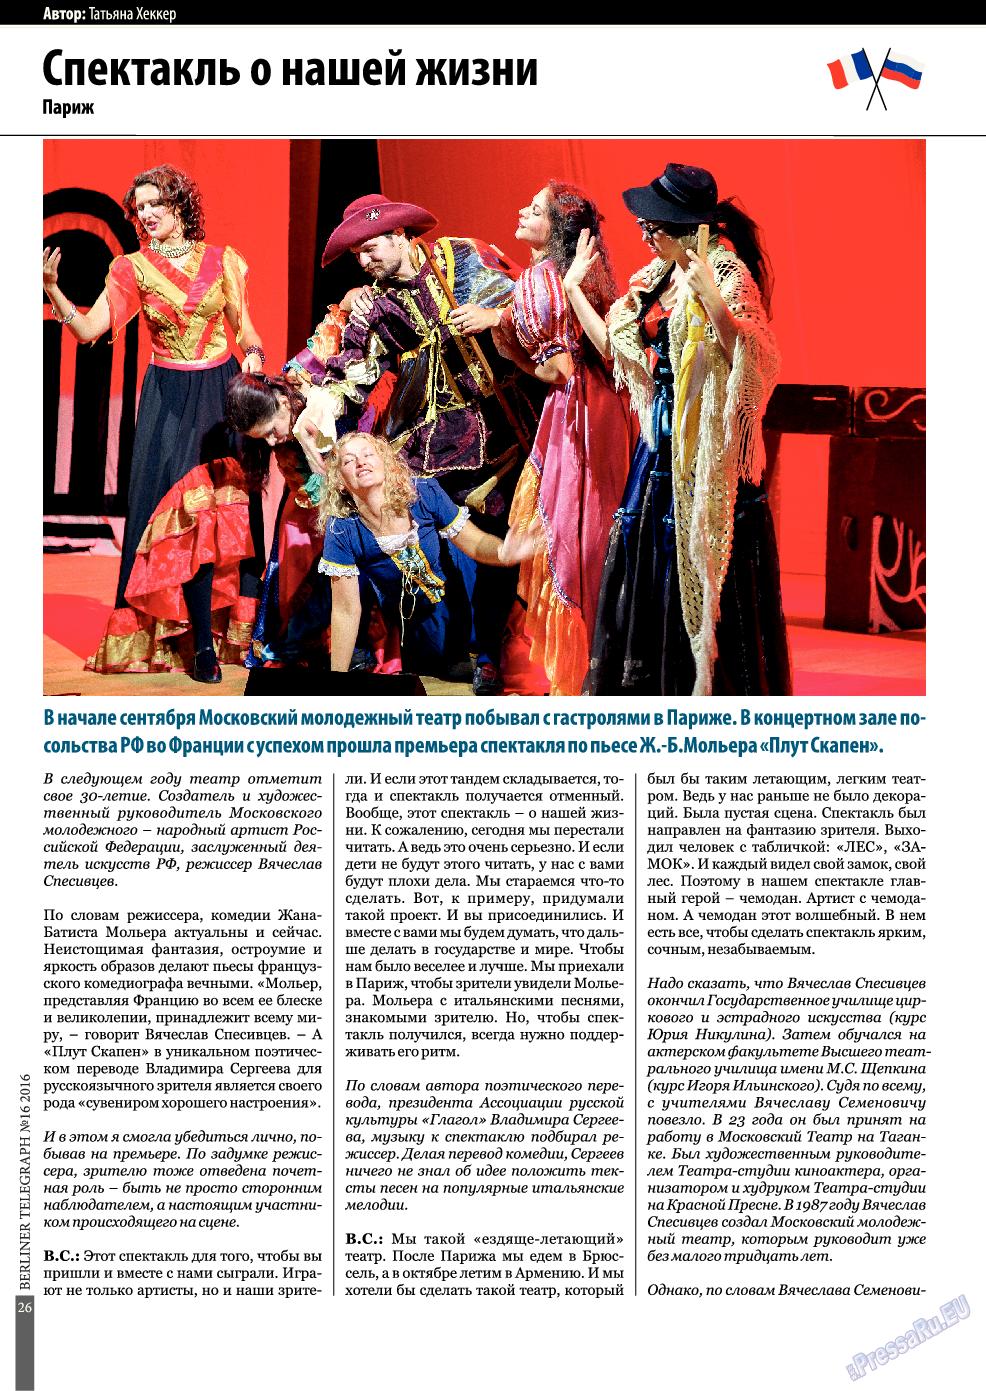 Берлинский телеграф (журнал). 2016 год, номер 16, стр. 26